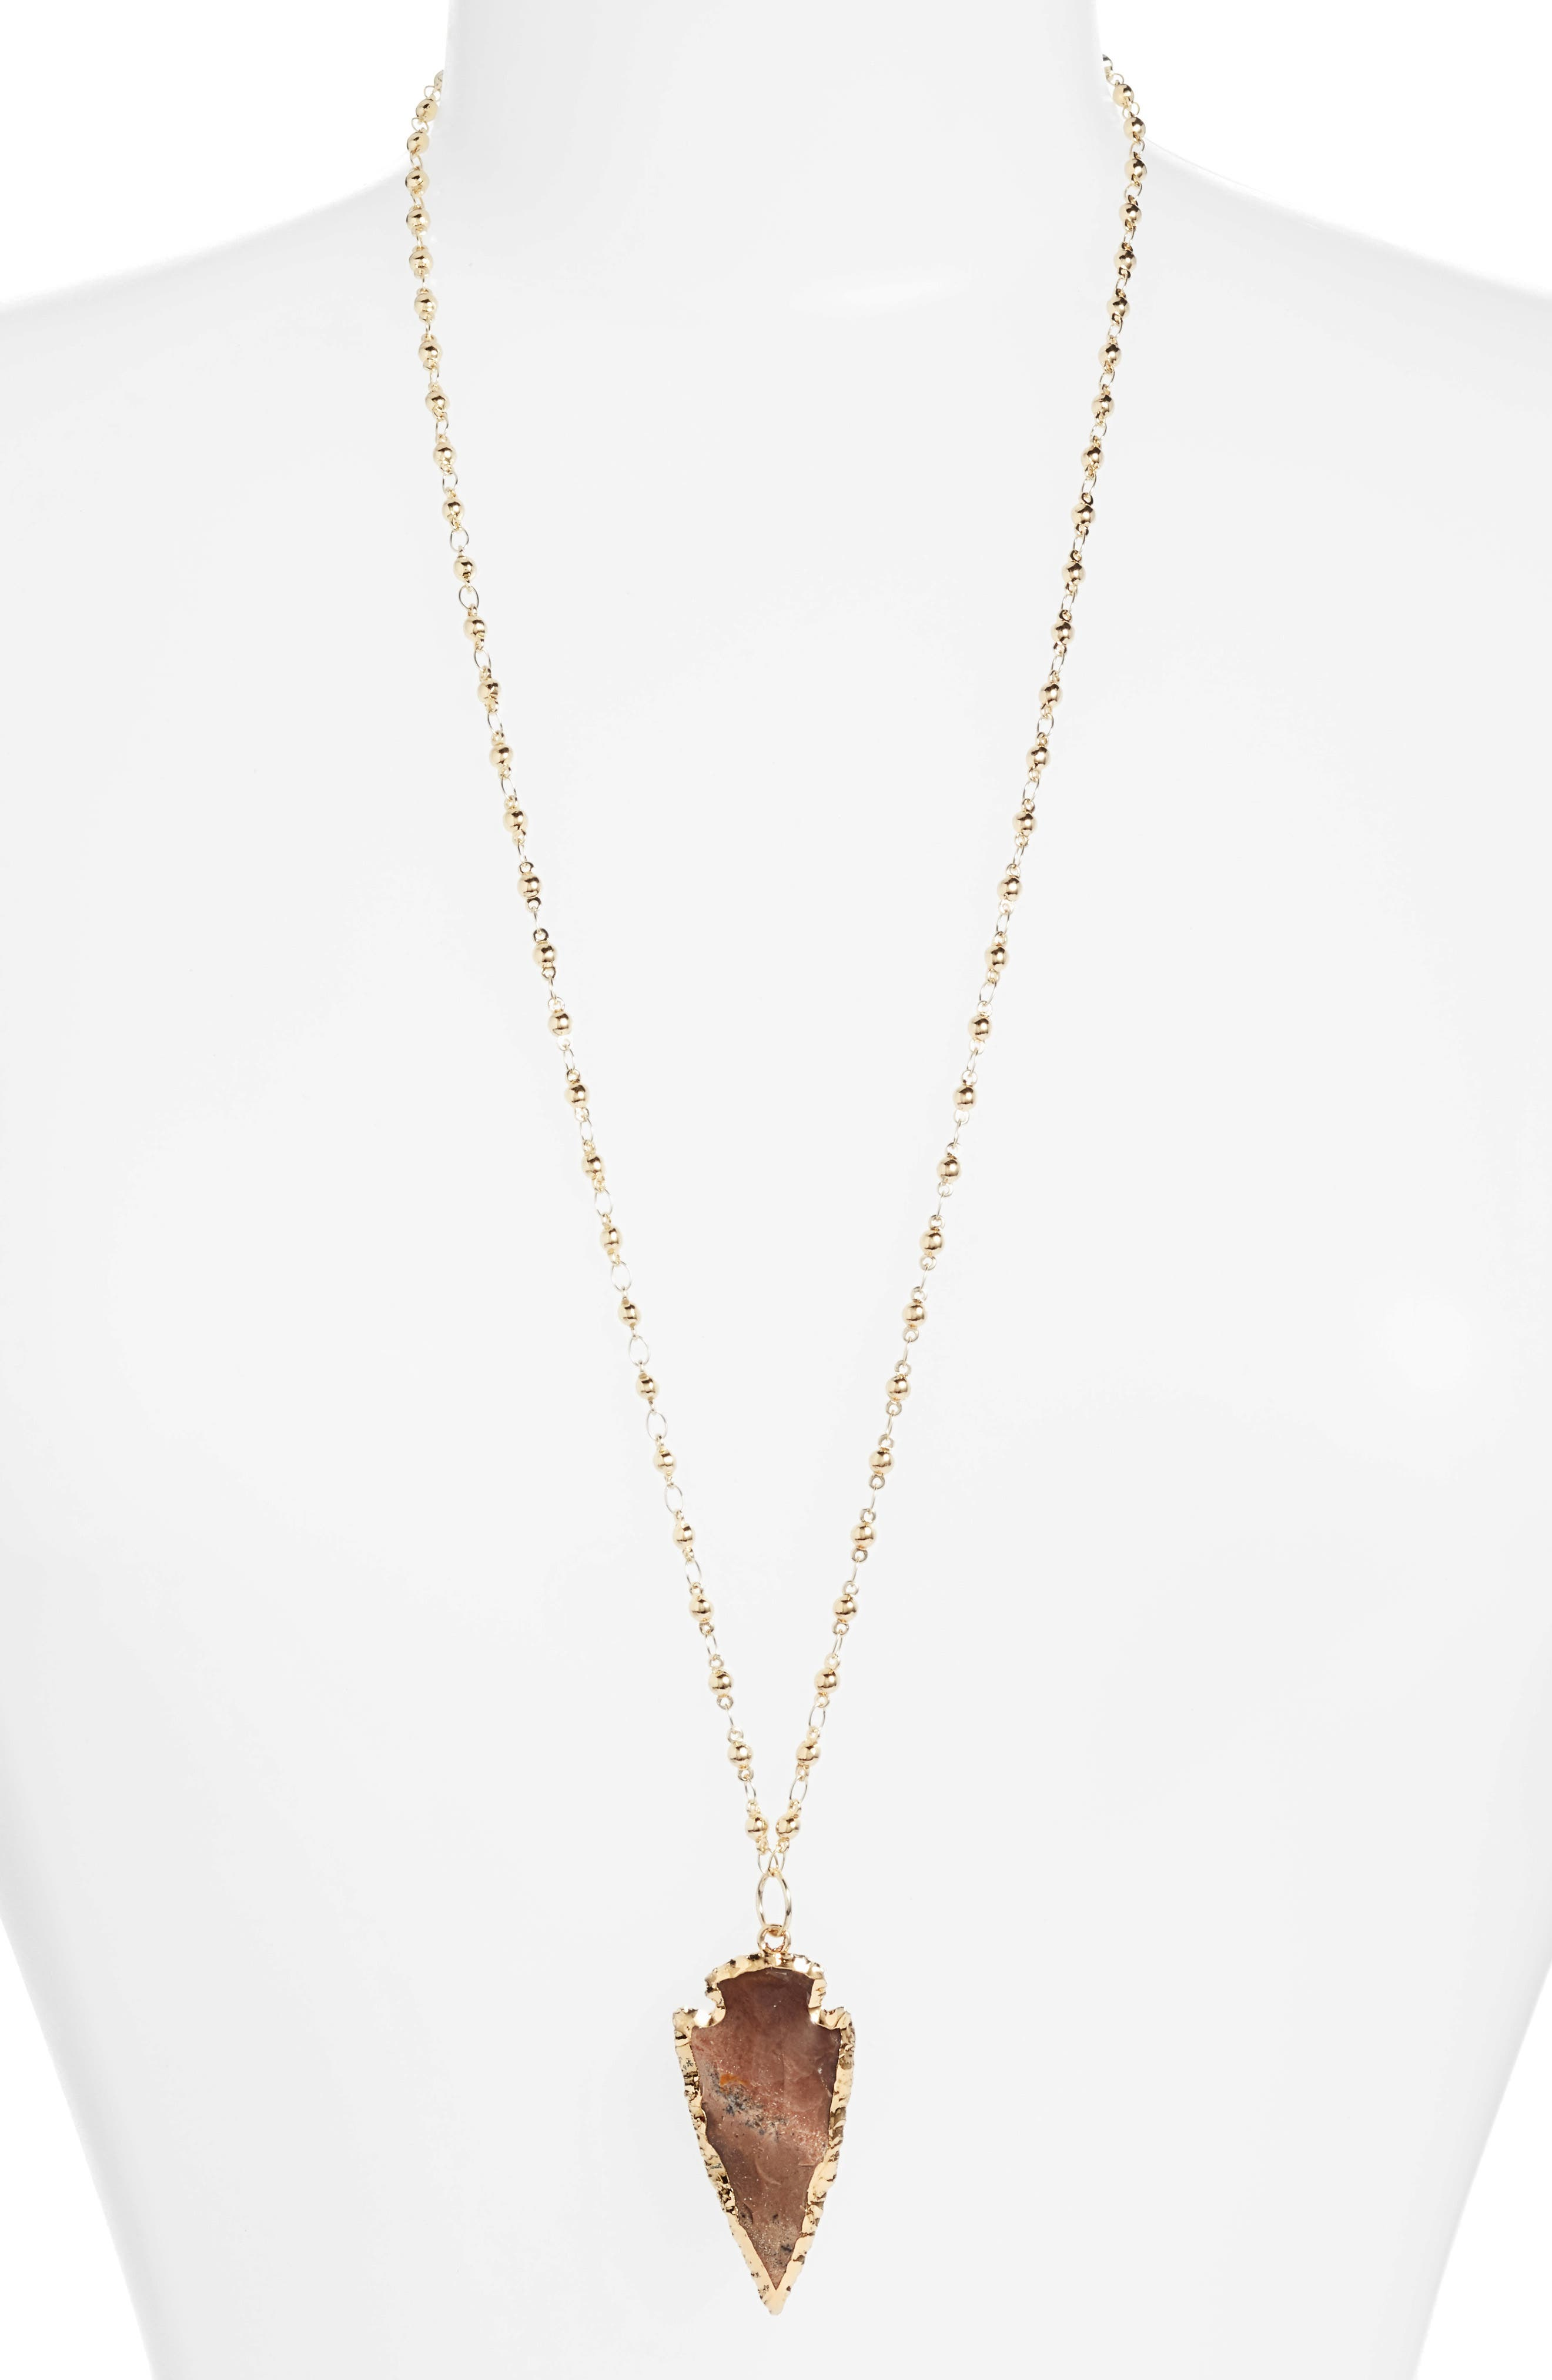 Sahara Arrowhead Necklace,                         Main,                         color, Speckled